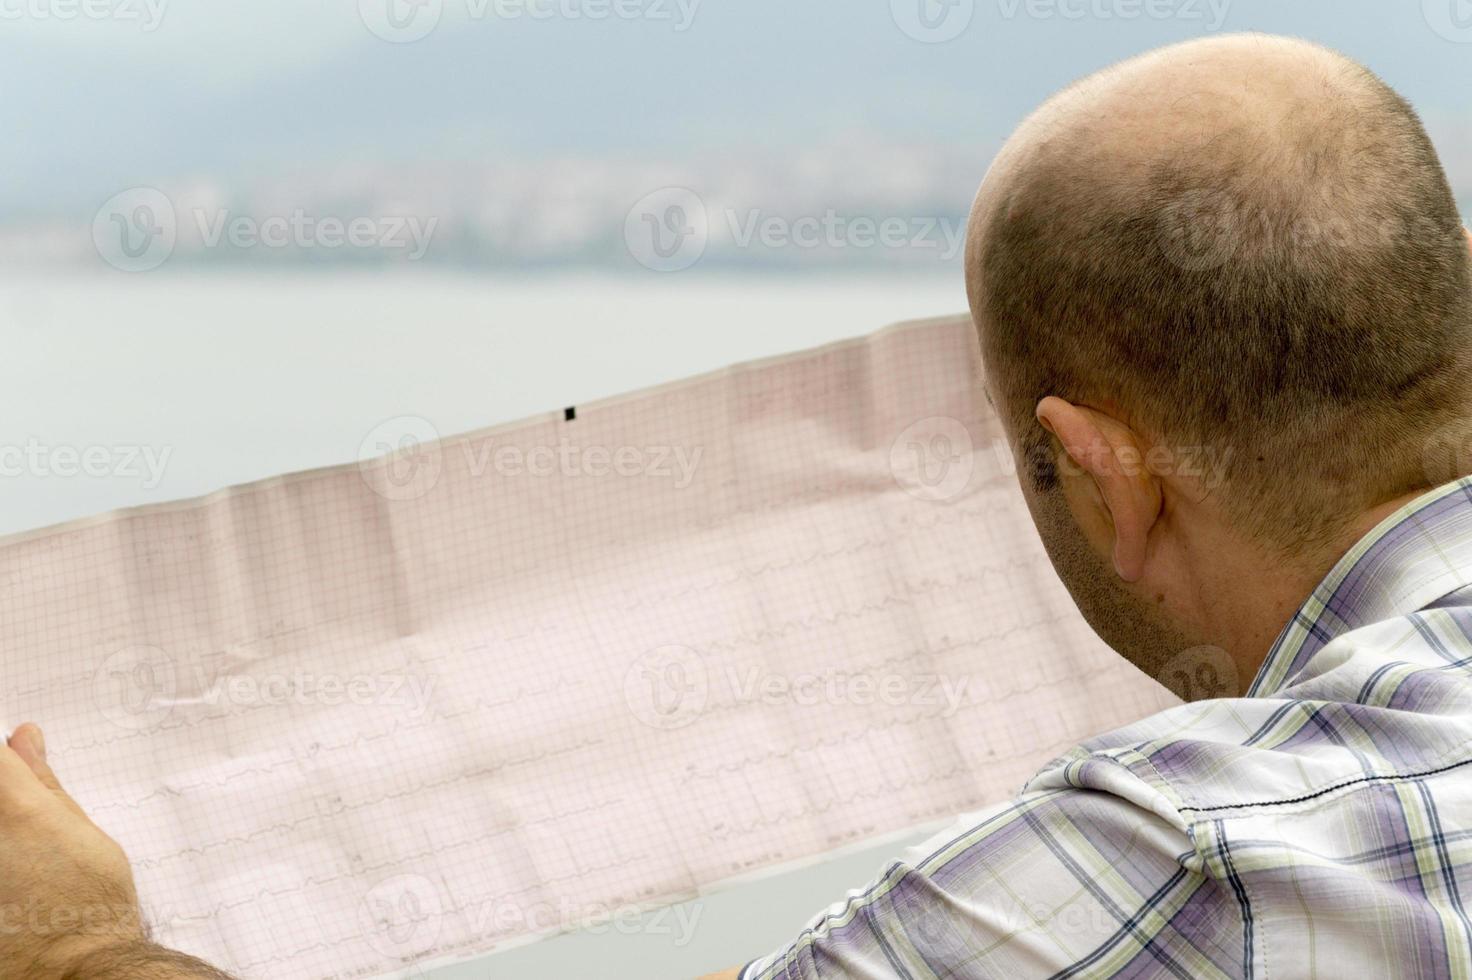 patiënt kijkt naar cardiogramresultaten foto